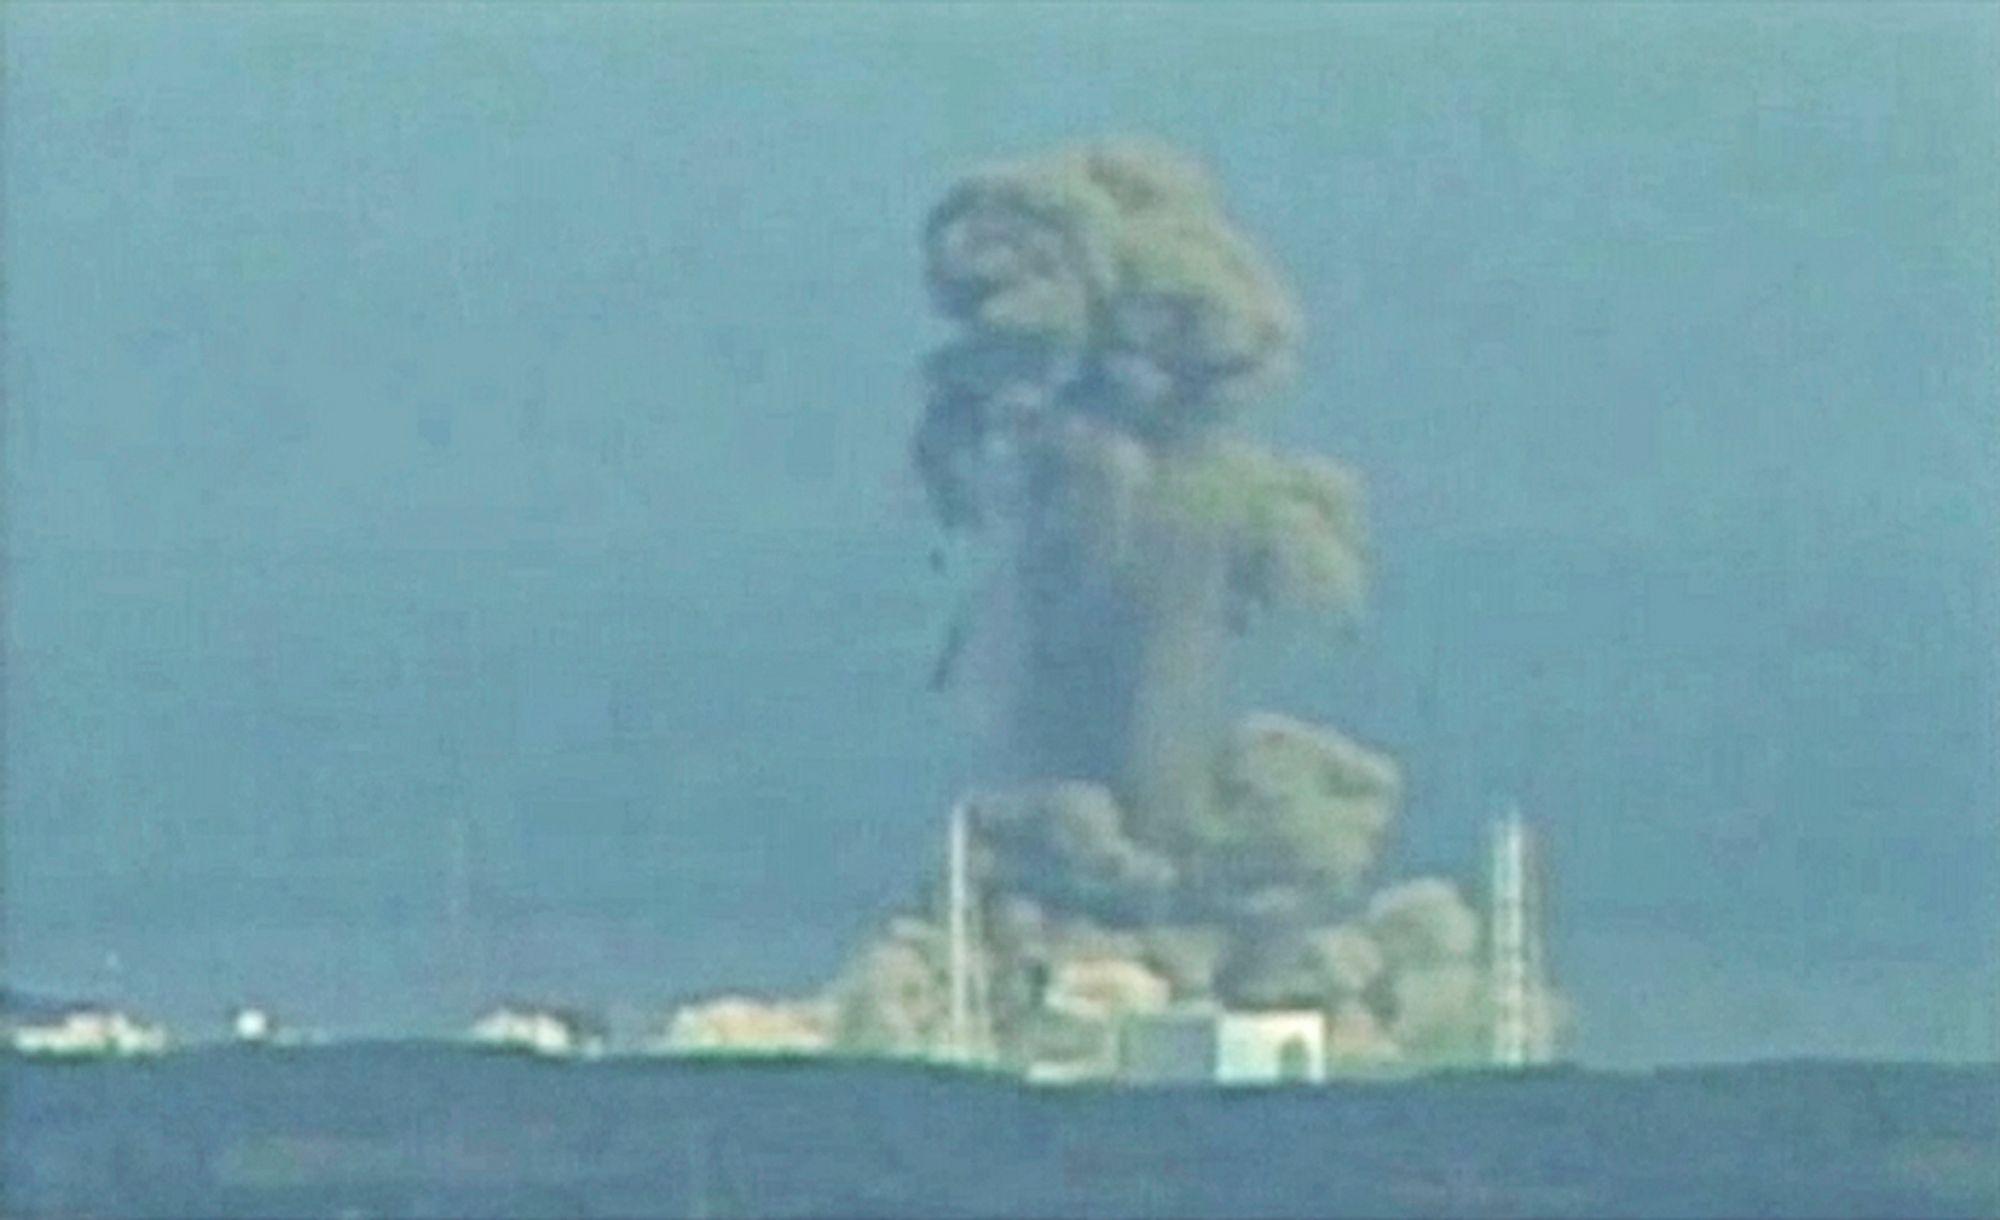 EKSPLODERER: Det har vært flere eksplosjoner ved Fukushima-kraftverket i Japan. Fortsatt er det usikkert om Tepco får kontroll over anlegget.